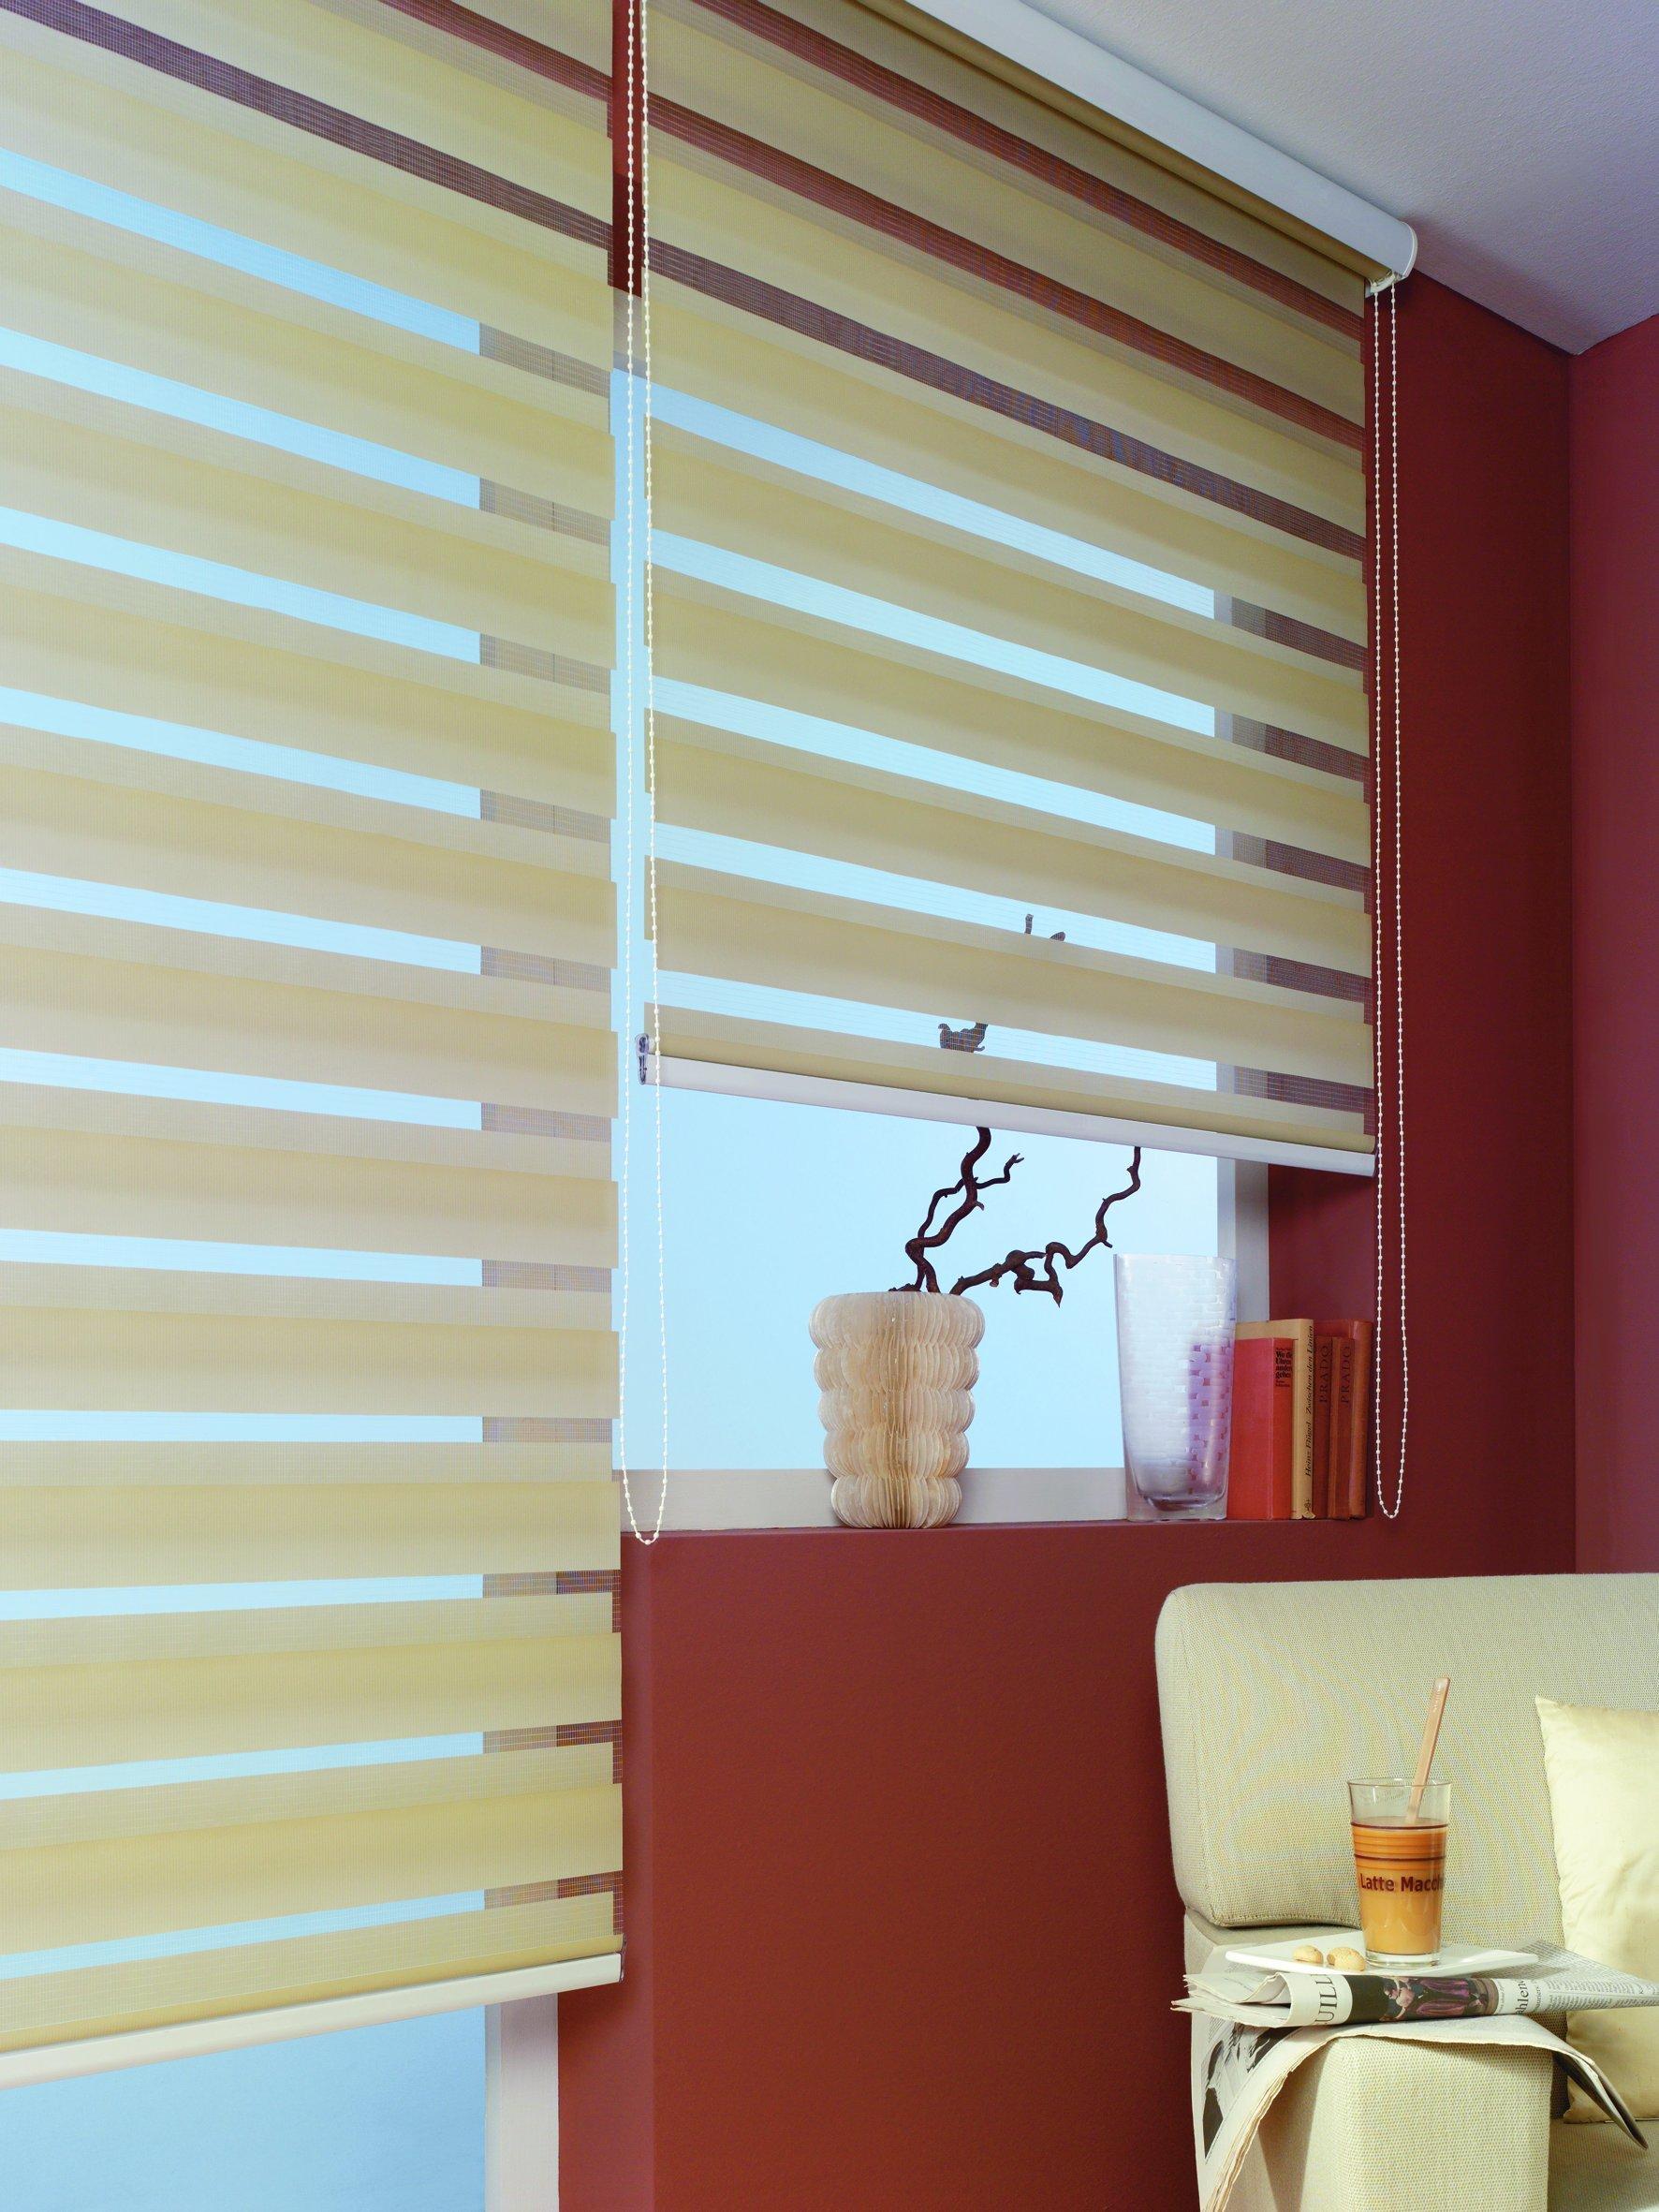 Full Size of Duo Rollo Wohnzimmer Rollos Kaufen Rollomeisterde Poster Tapete Wandbild Tischlampe Lampen Fenster Deckenlampe Dekoration Beleuchtung Velux Lampe Anbauwand Wohnzimmer Duo Rollo Wohnzimmer